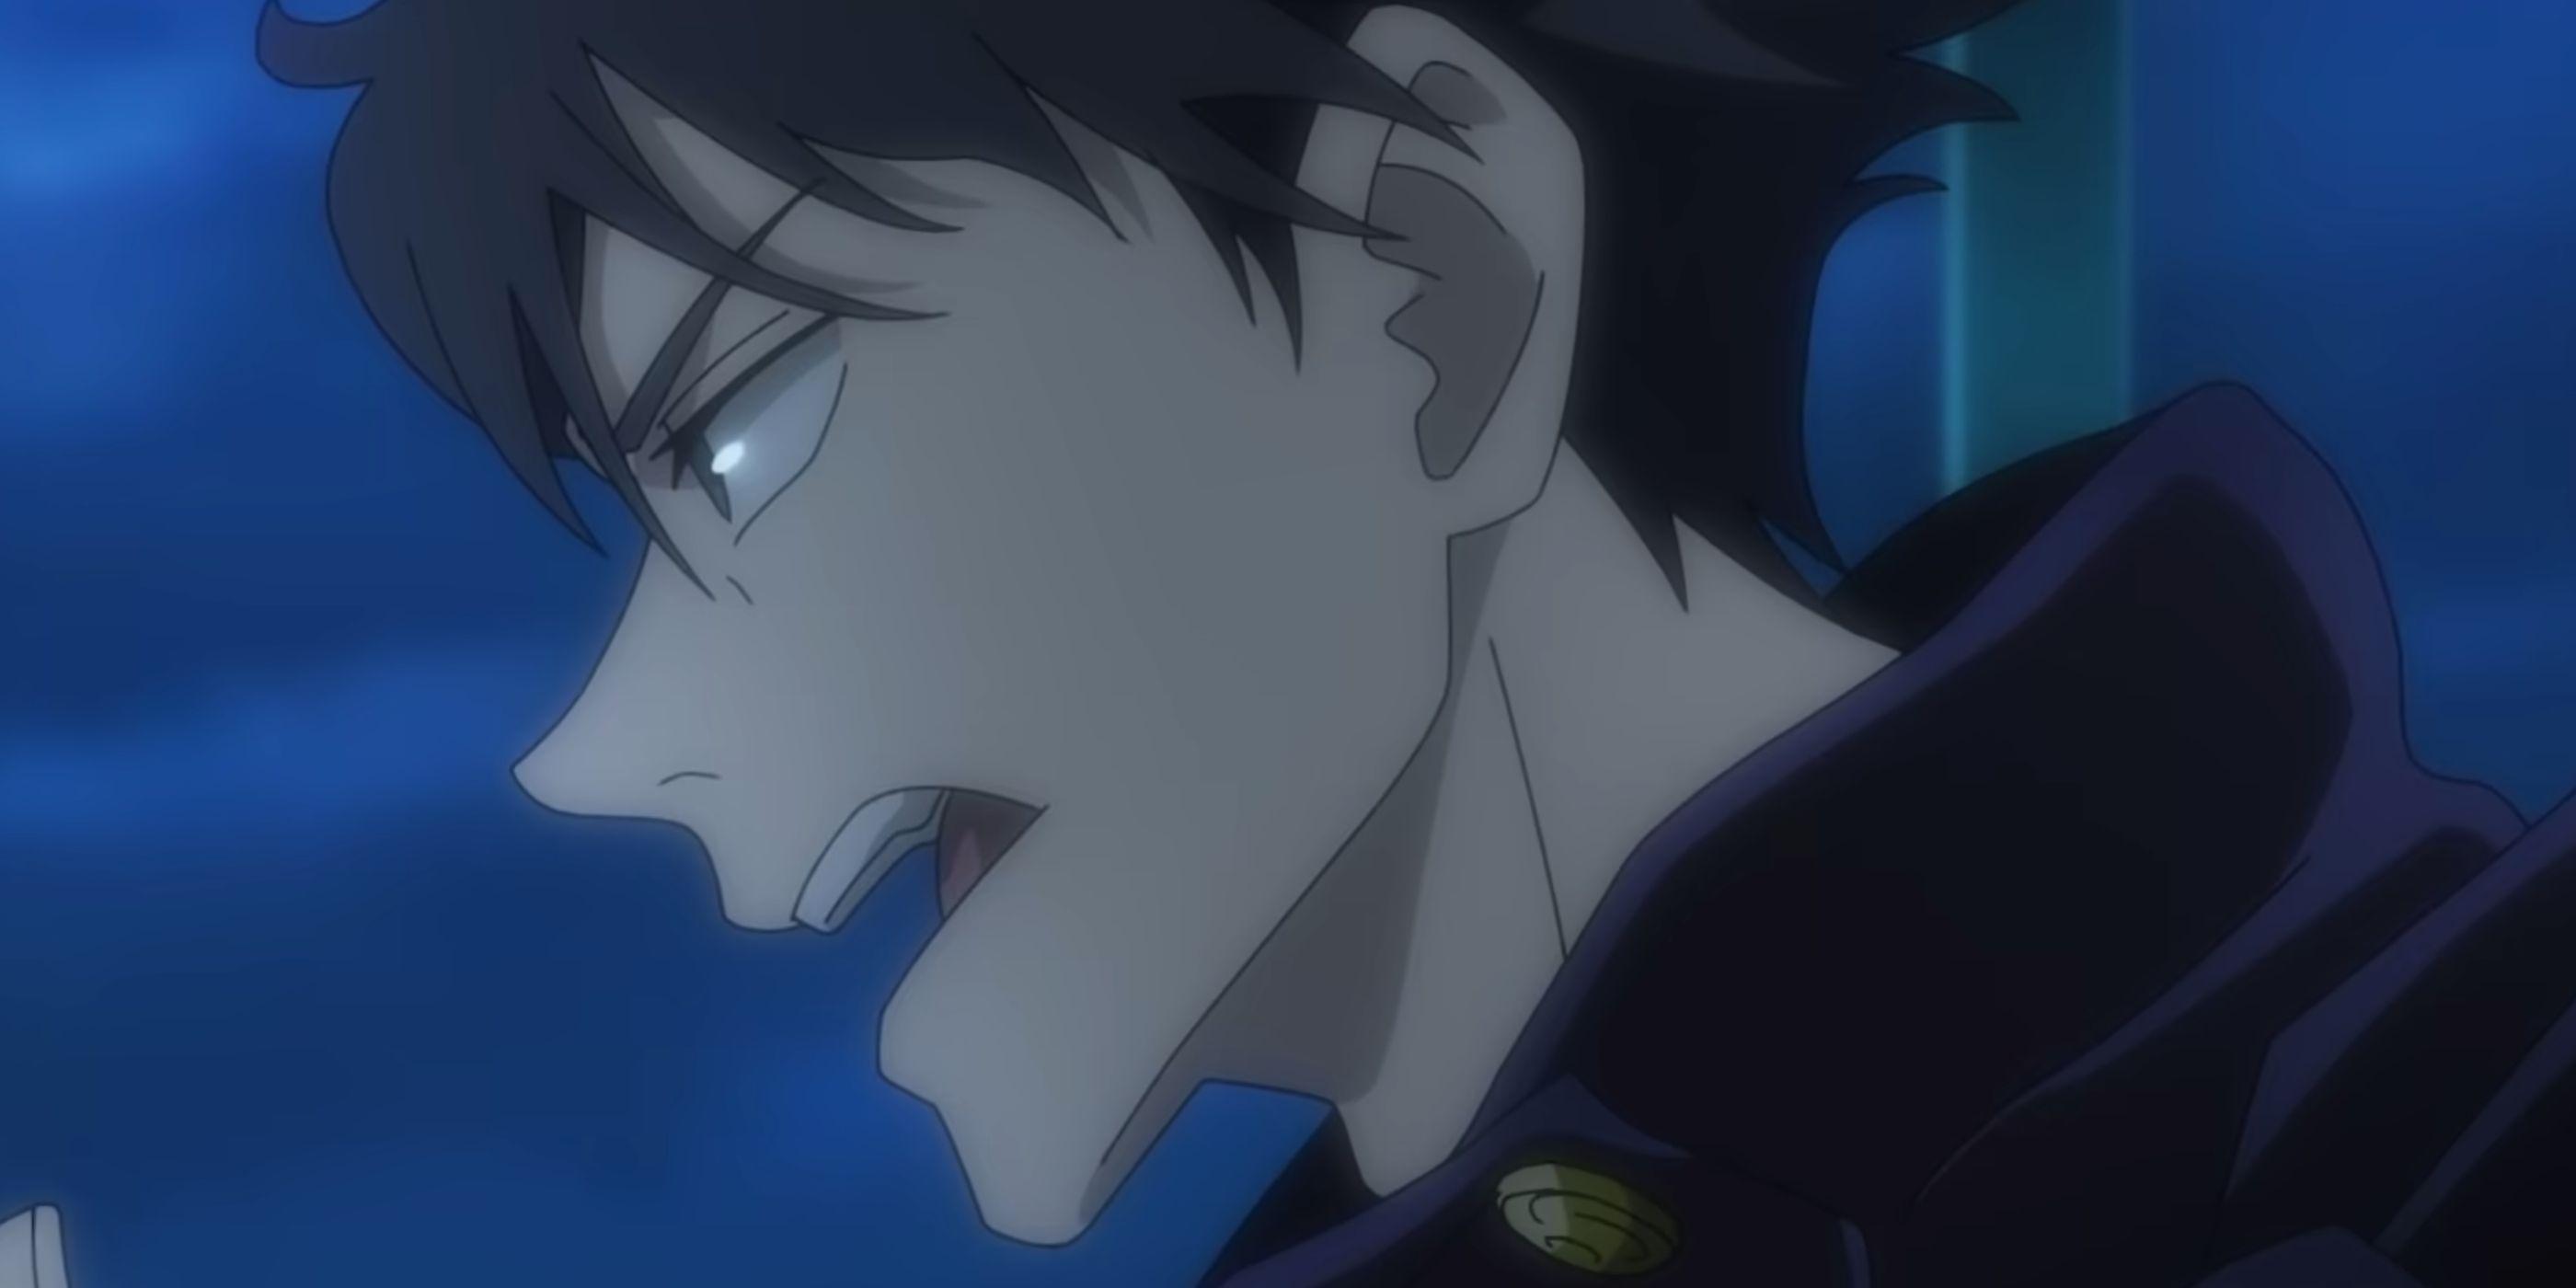 Guia de Personagens Jujutsu Kaisen: Quem é quem no anime da Shonen Jump 2